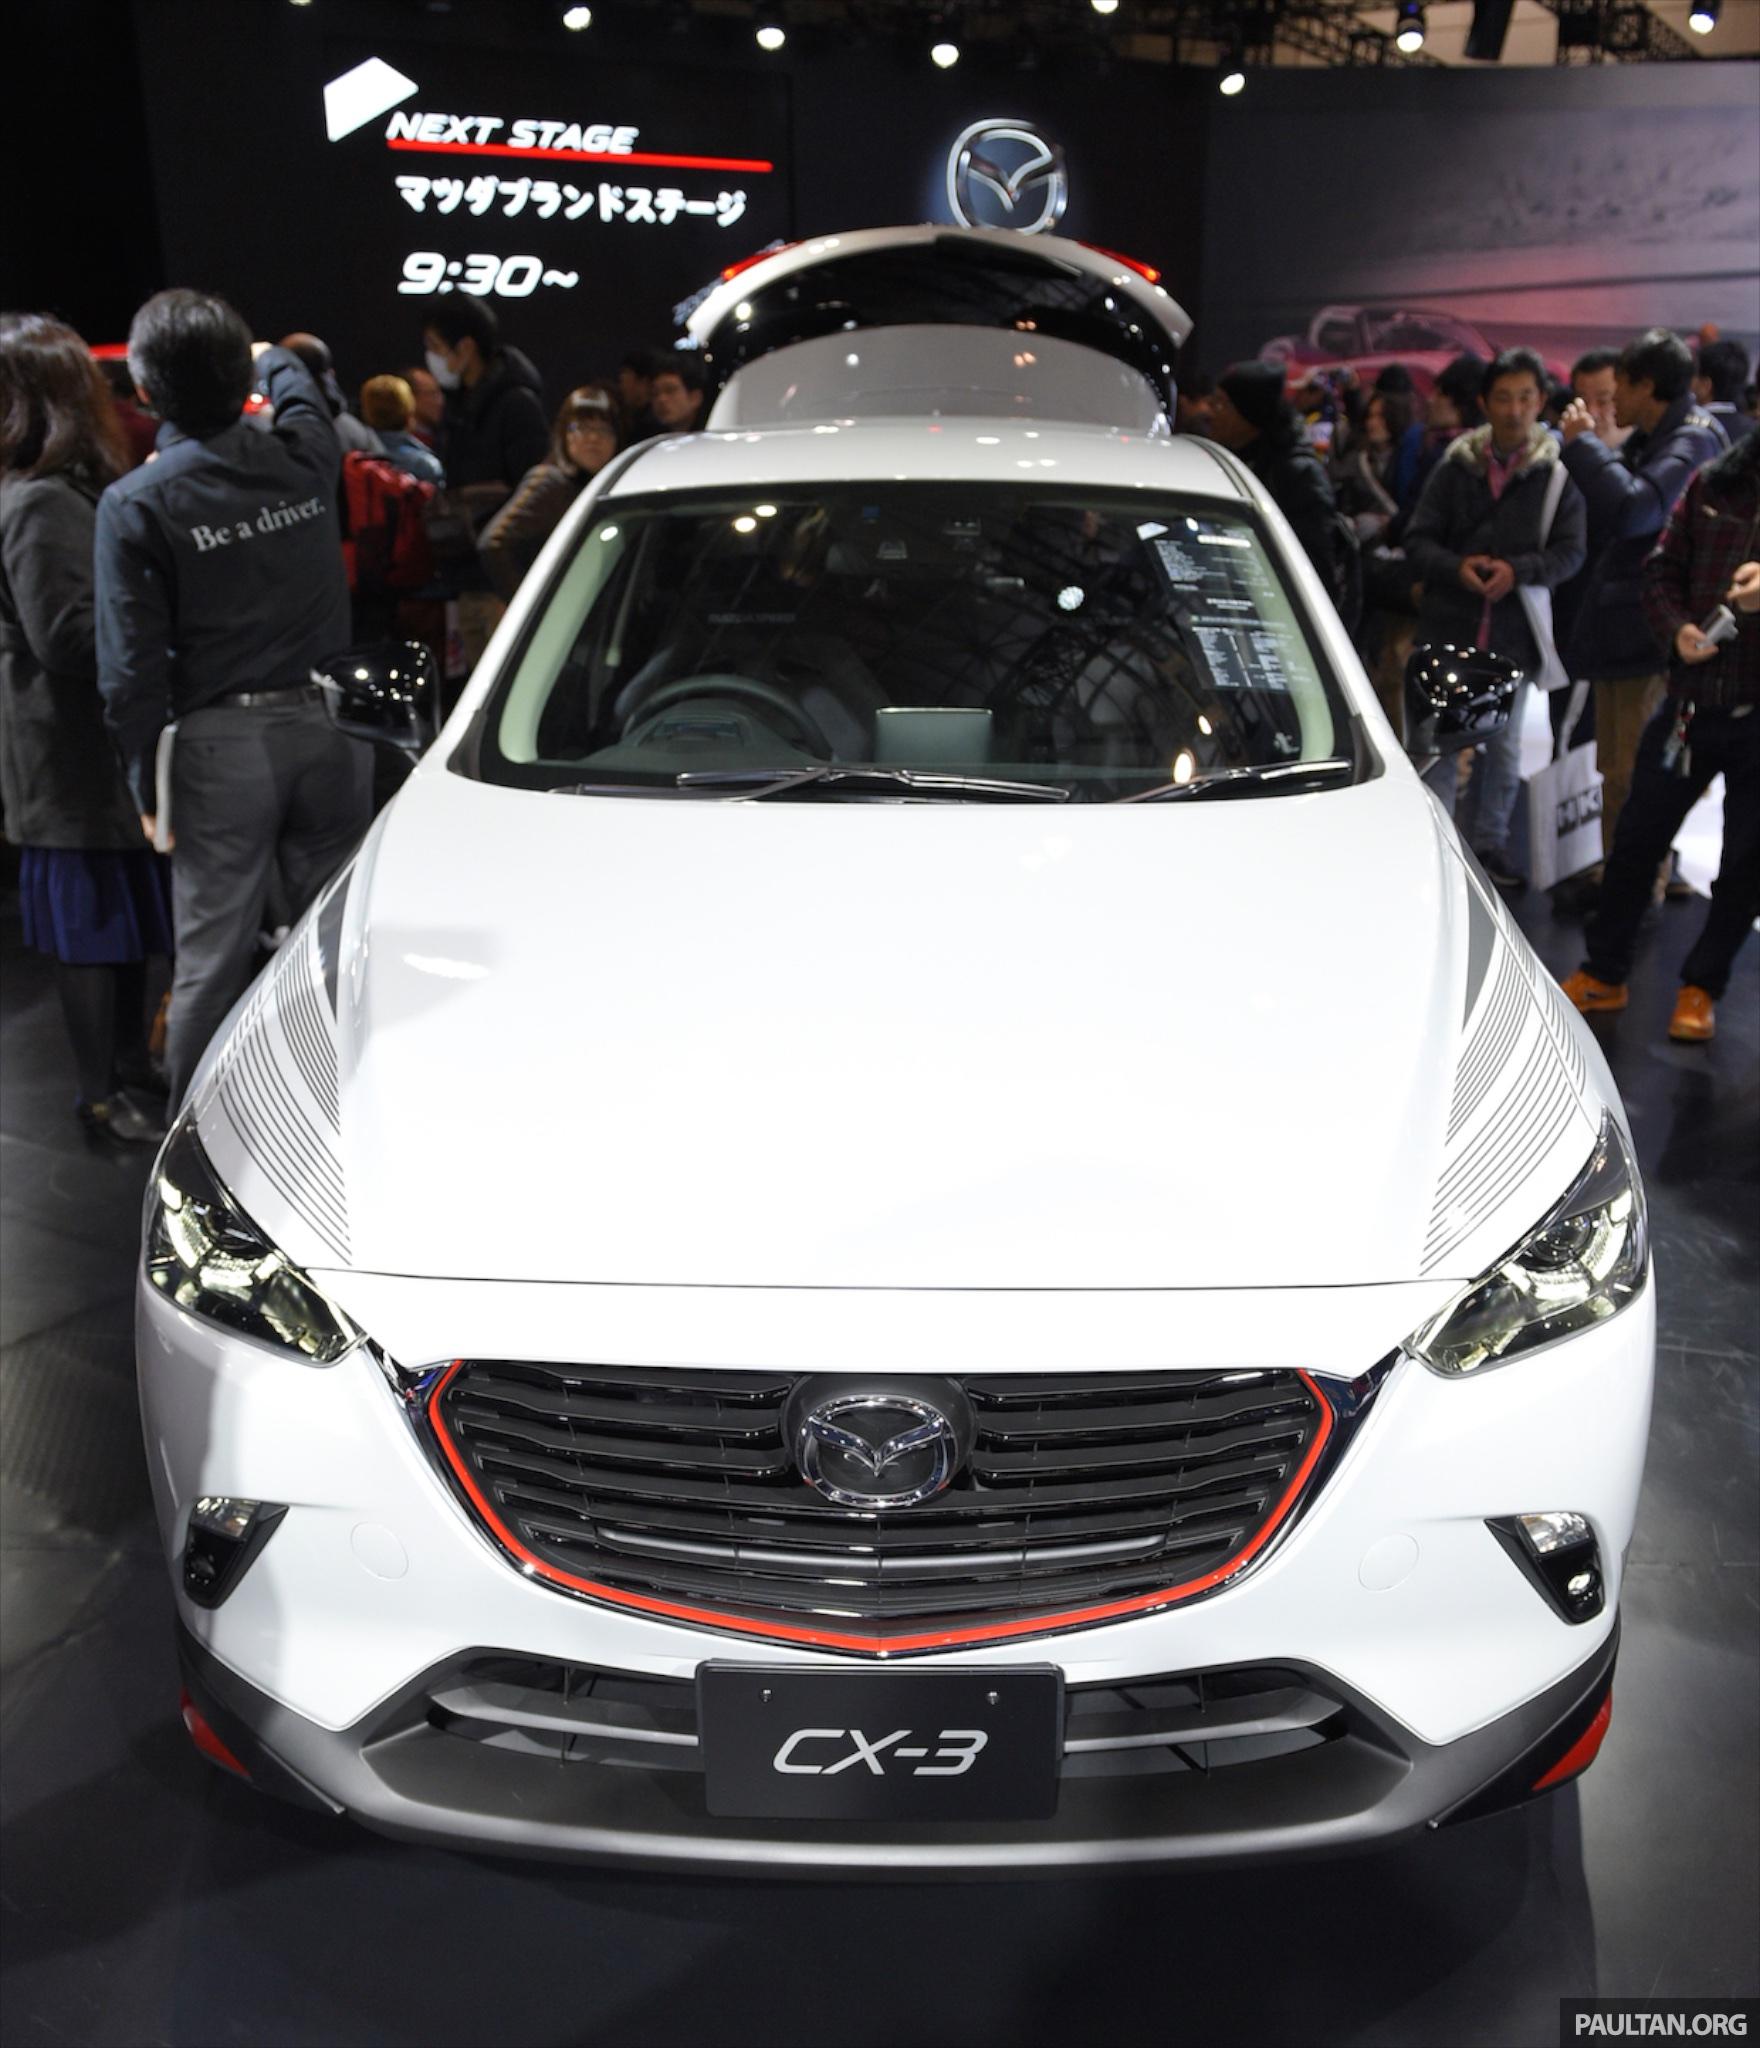 Mazda Cx 3 >> Mazda CX-3 Racing Concept at 2015 Tokyo Auto Salon Image 302085